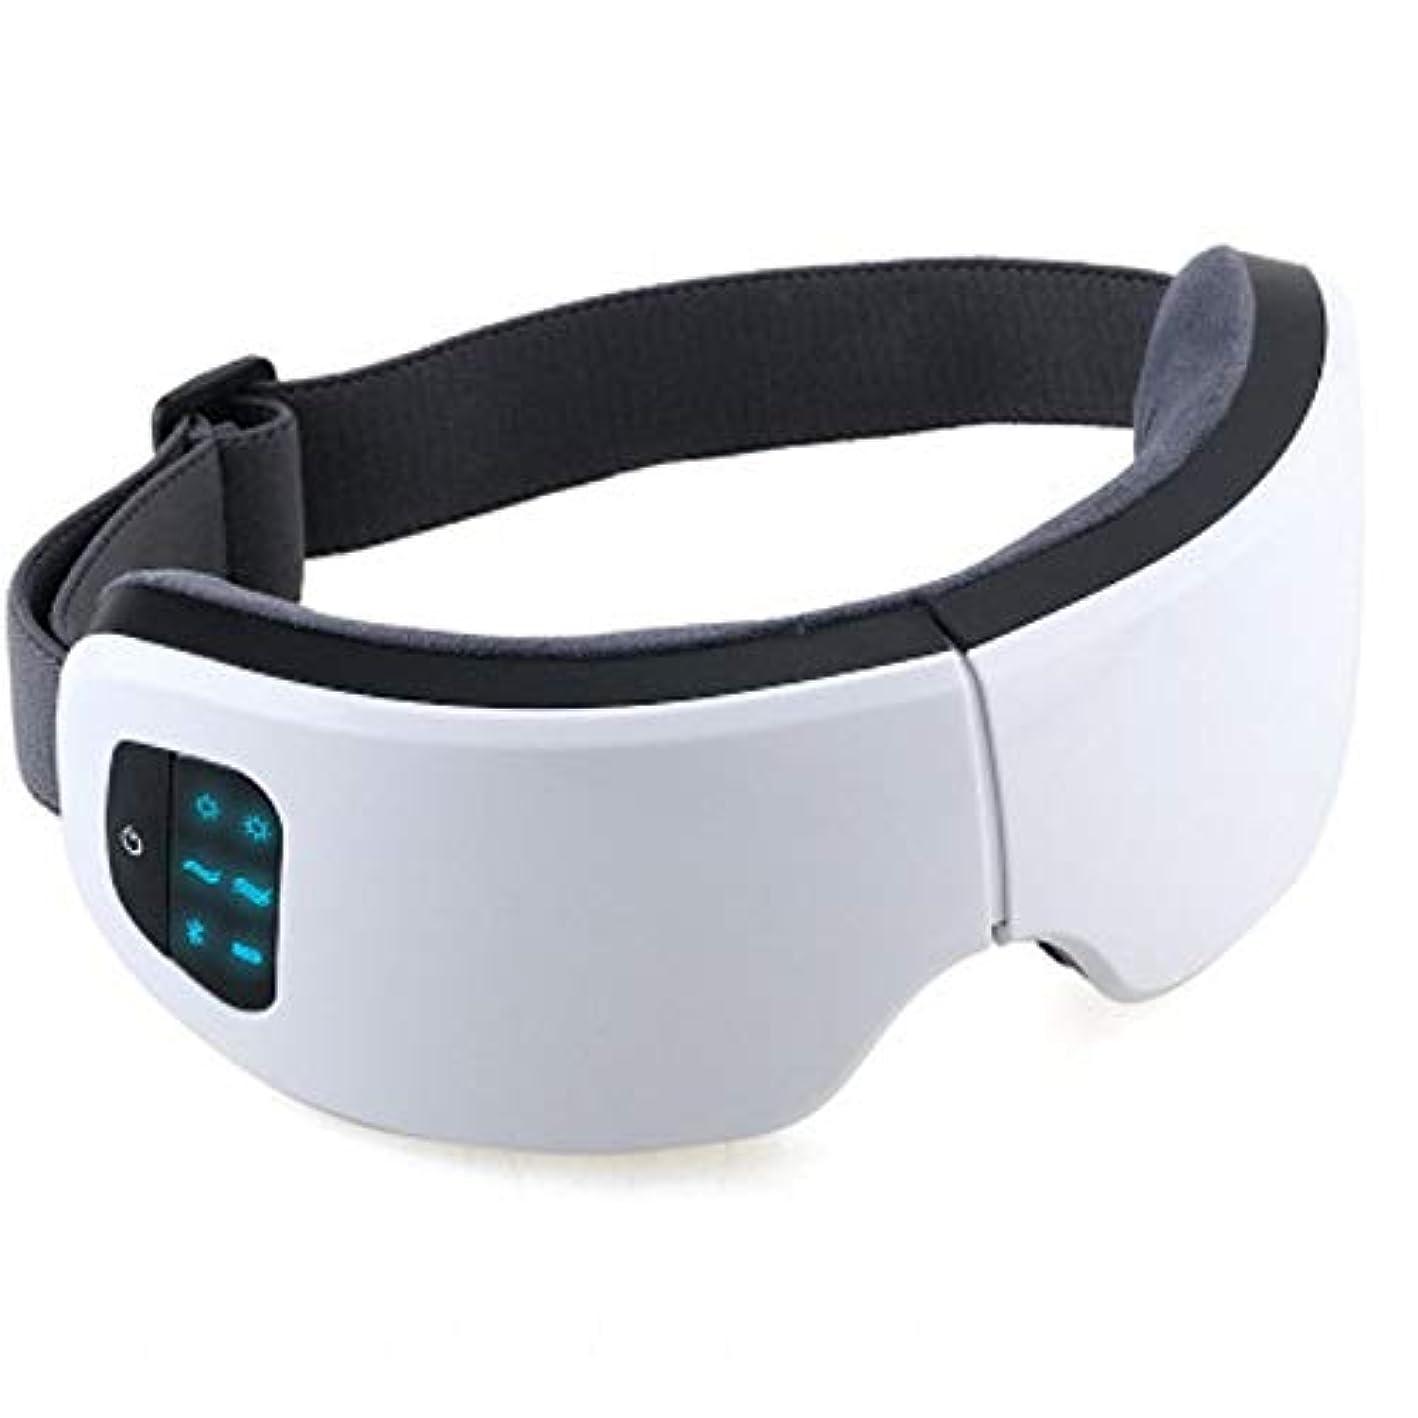 メール蒸し器コジオスコMeet now 高度の目のマッサージャー、暖房モードの無線再充電可能な折る目のマッサージャー 品質保証